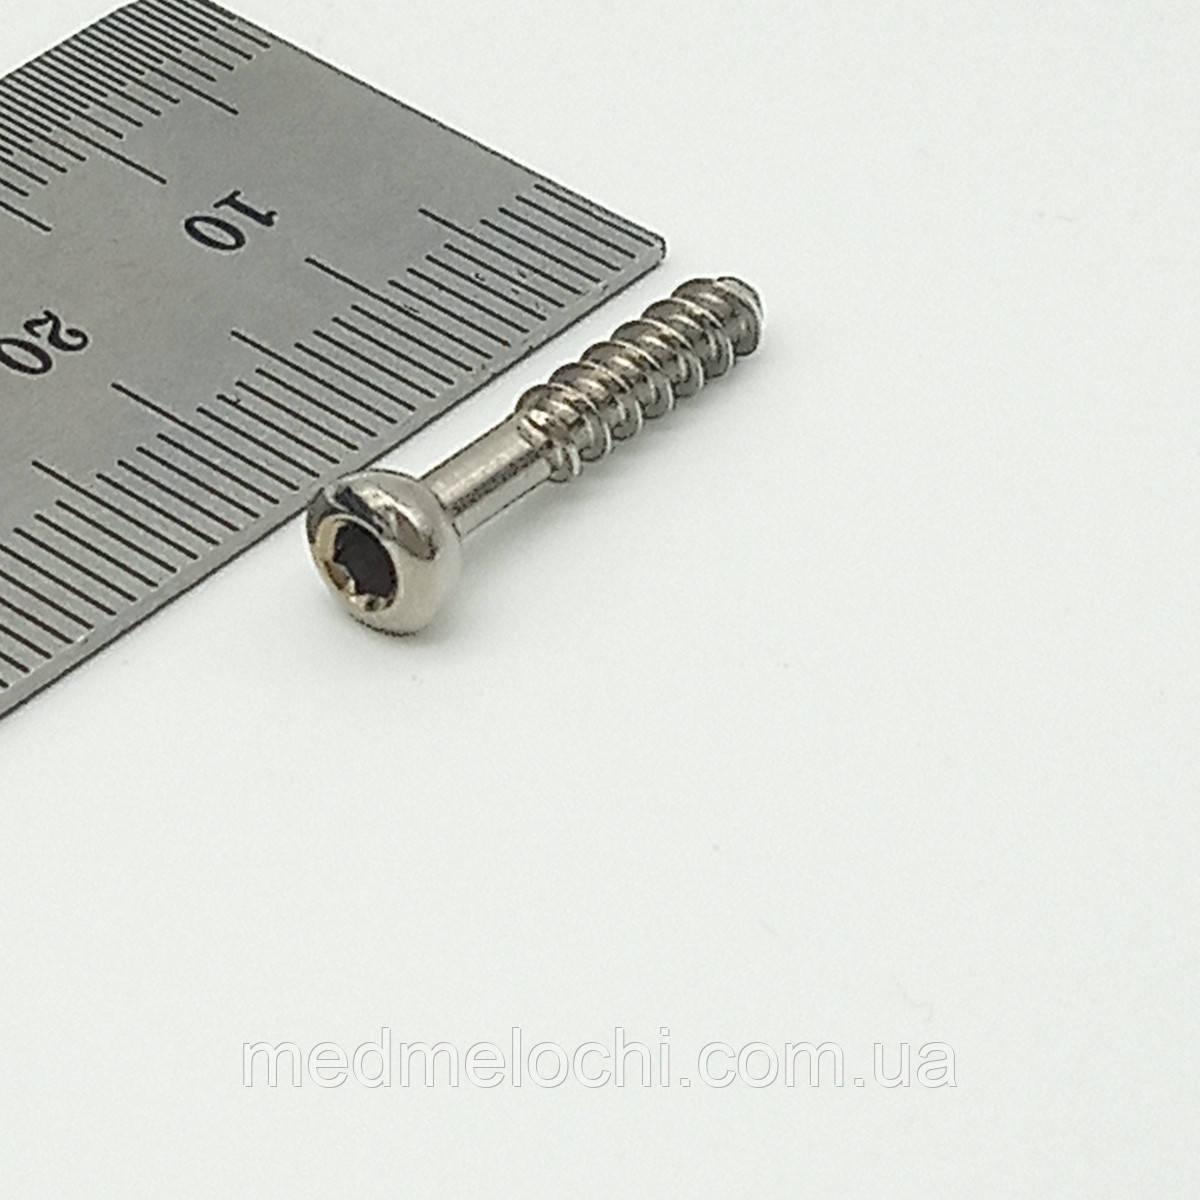 Гвинт малеолярний малий D=3,5мм, 22мм